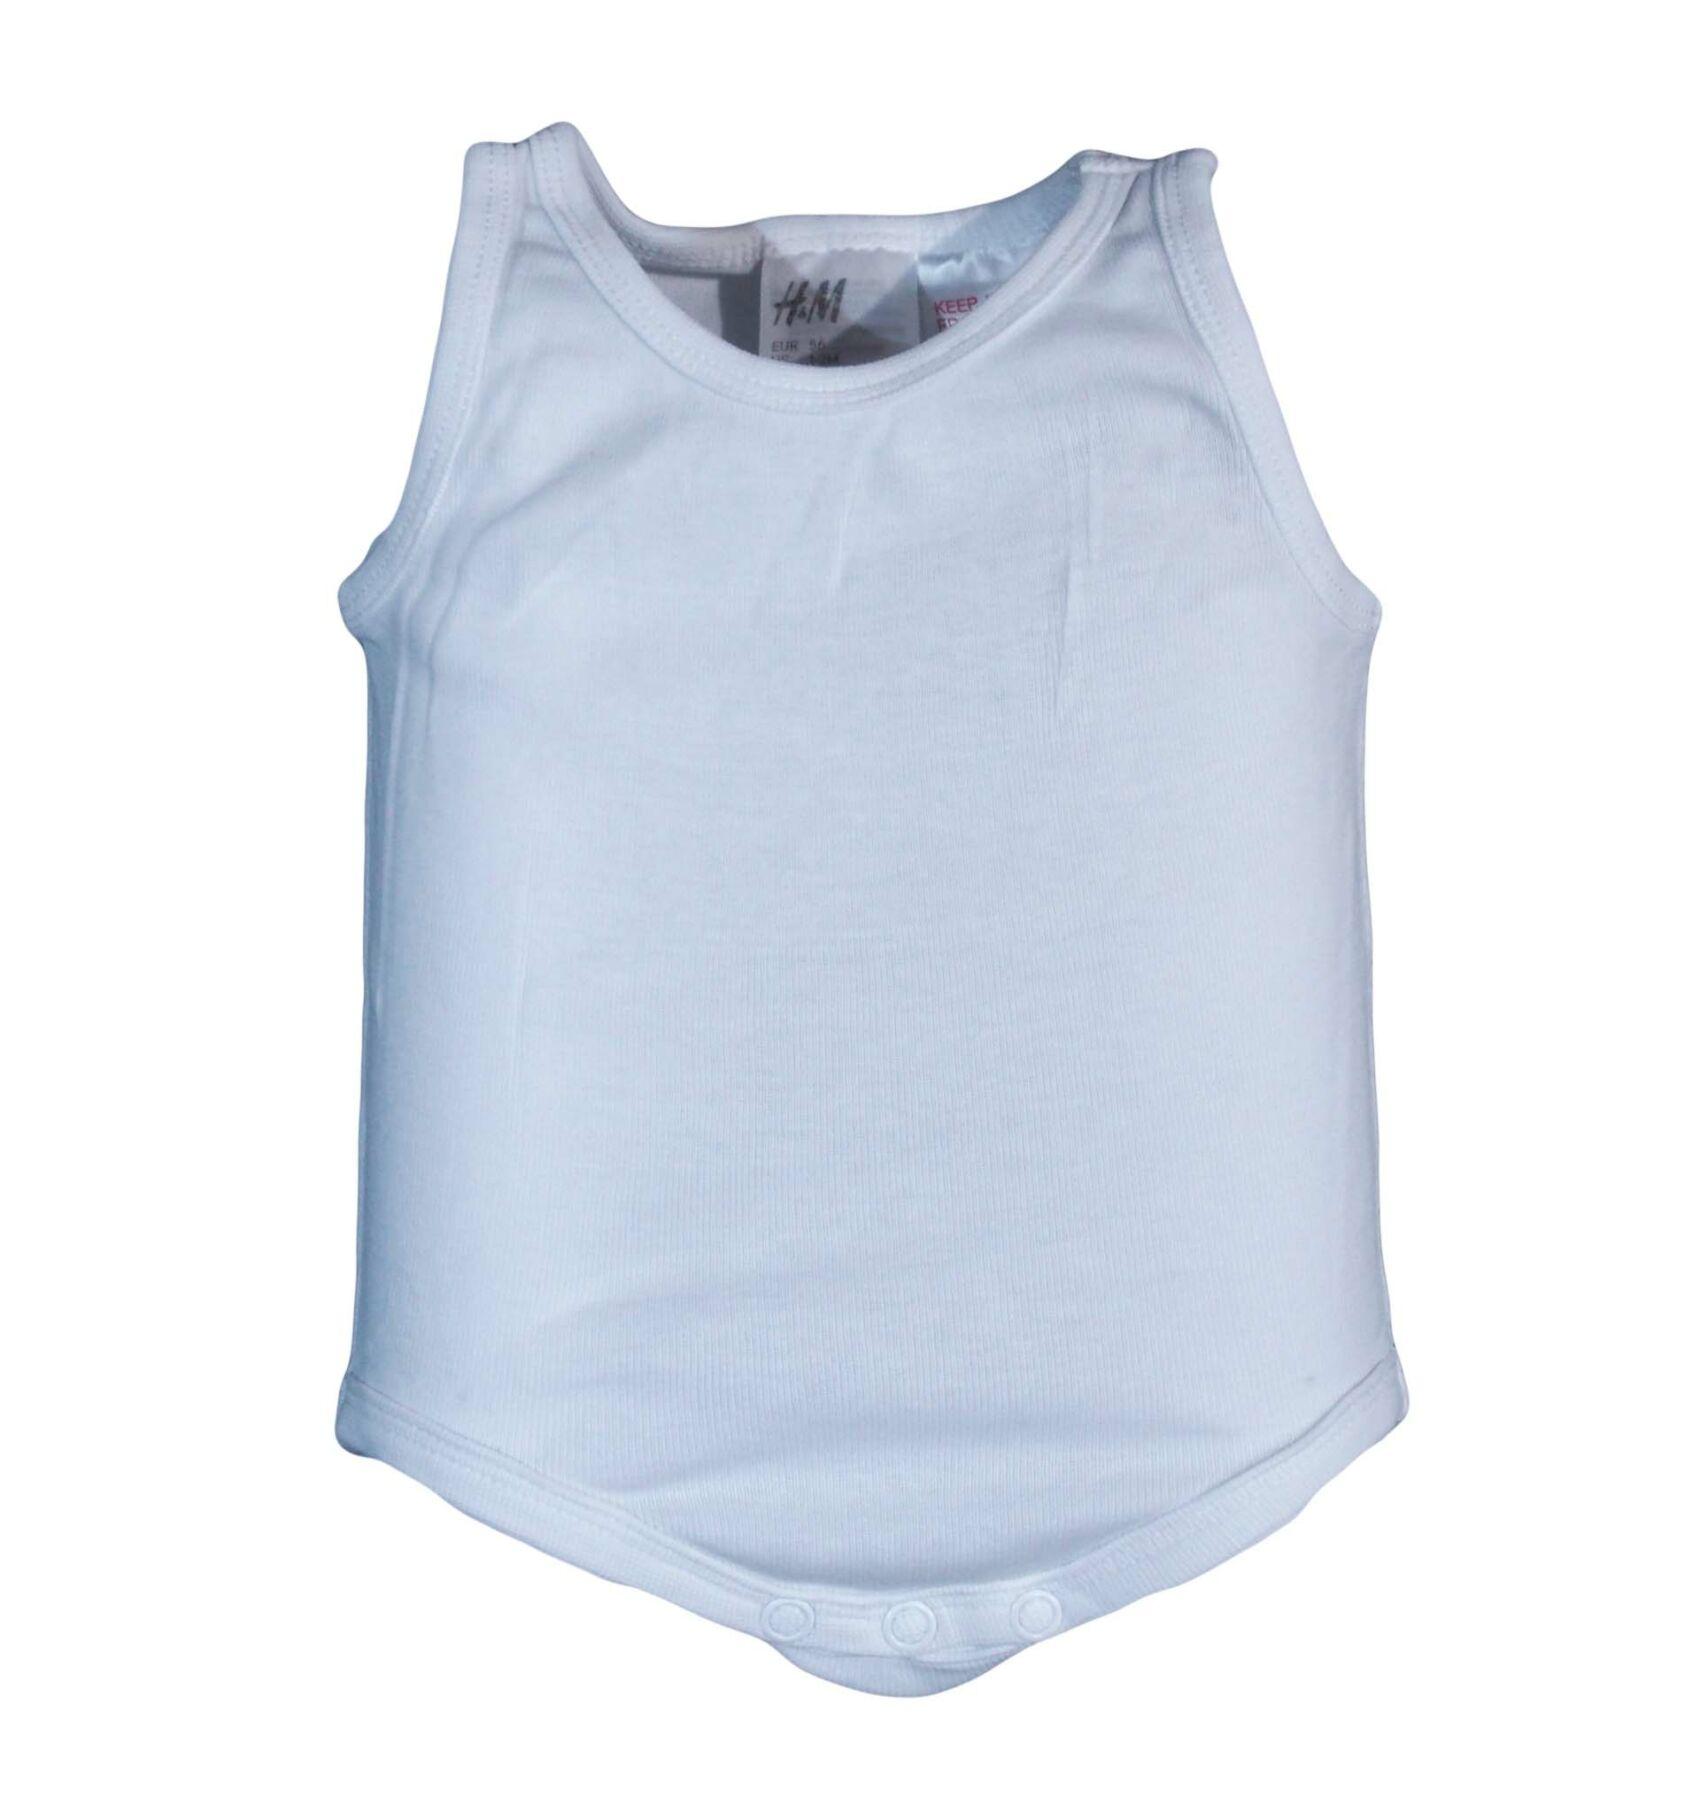 8ff5864756 Gyerekruhák a legkedveltebb divatmárkáktól! Legyen menő a te ...